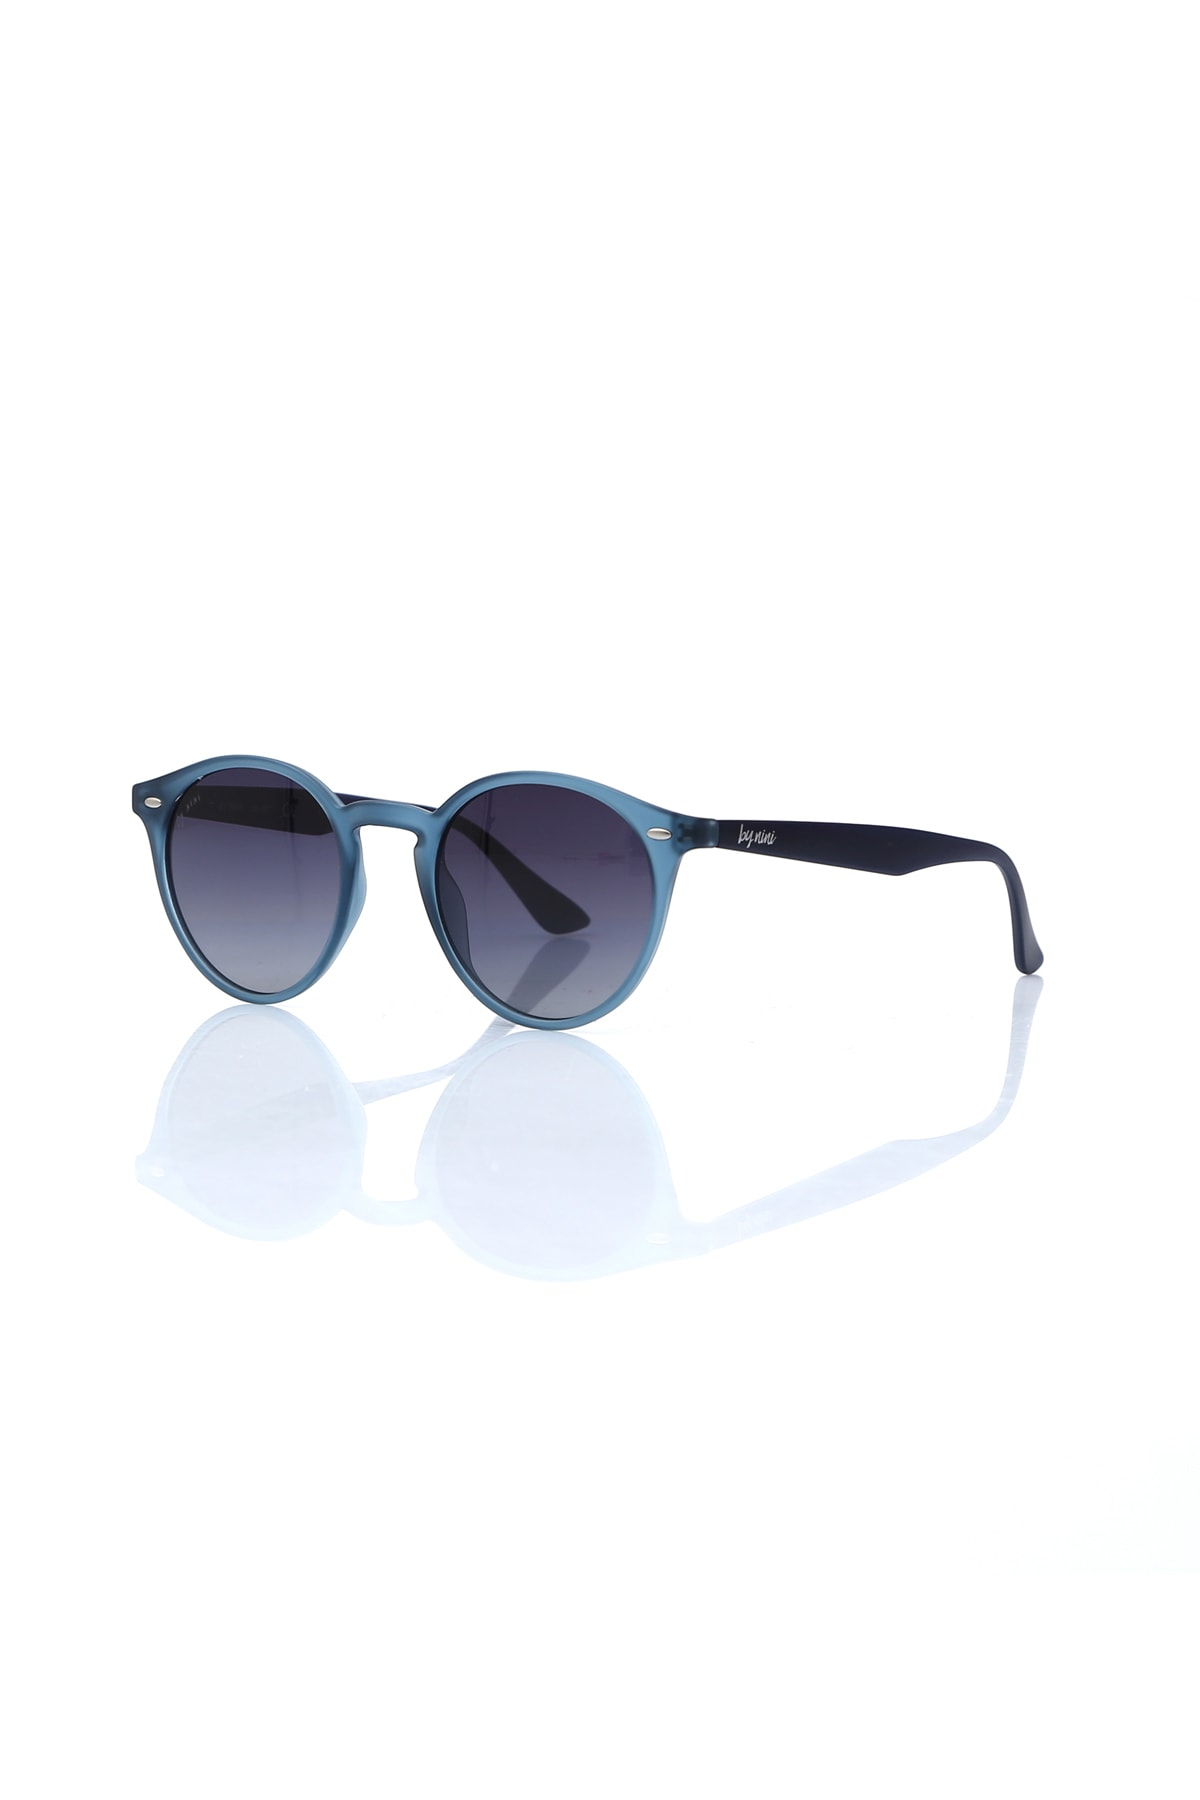 فروش نقدی عینک آفتابی مردانه خاص برند By Nini رنگ آبی کد ty36698060